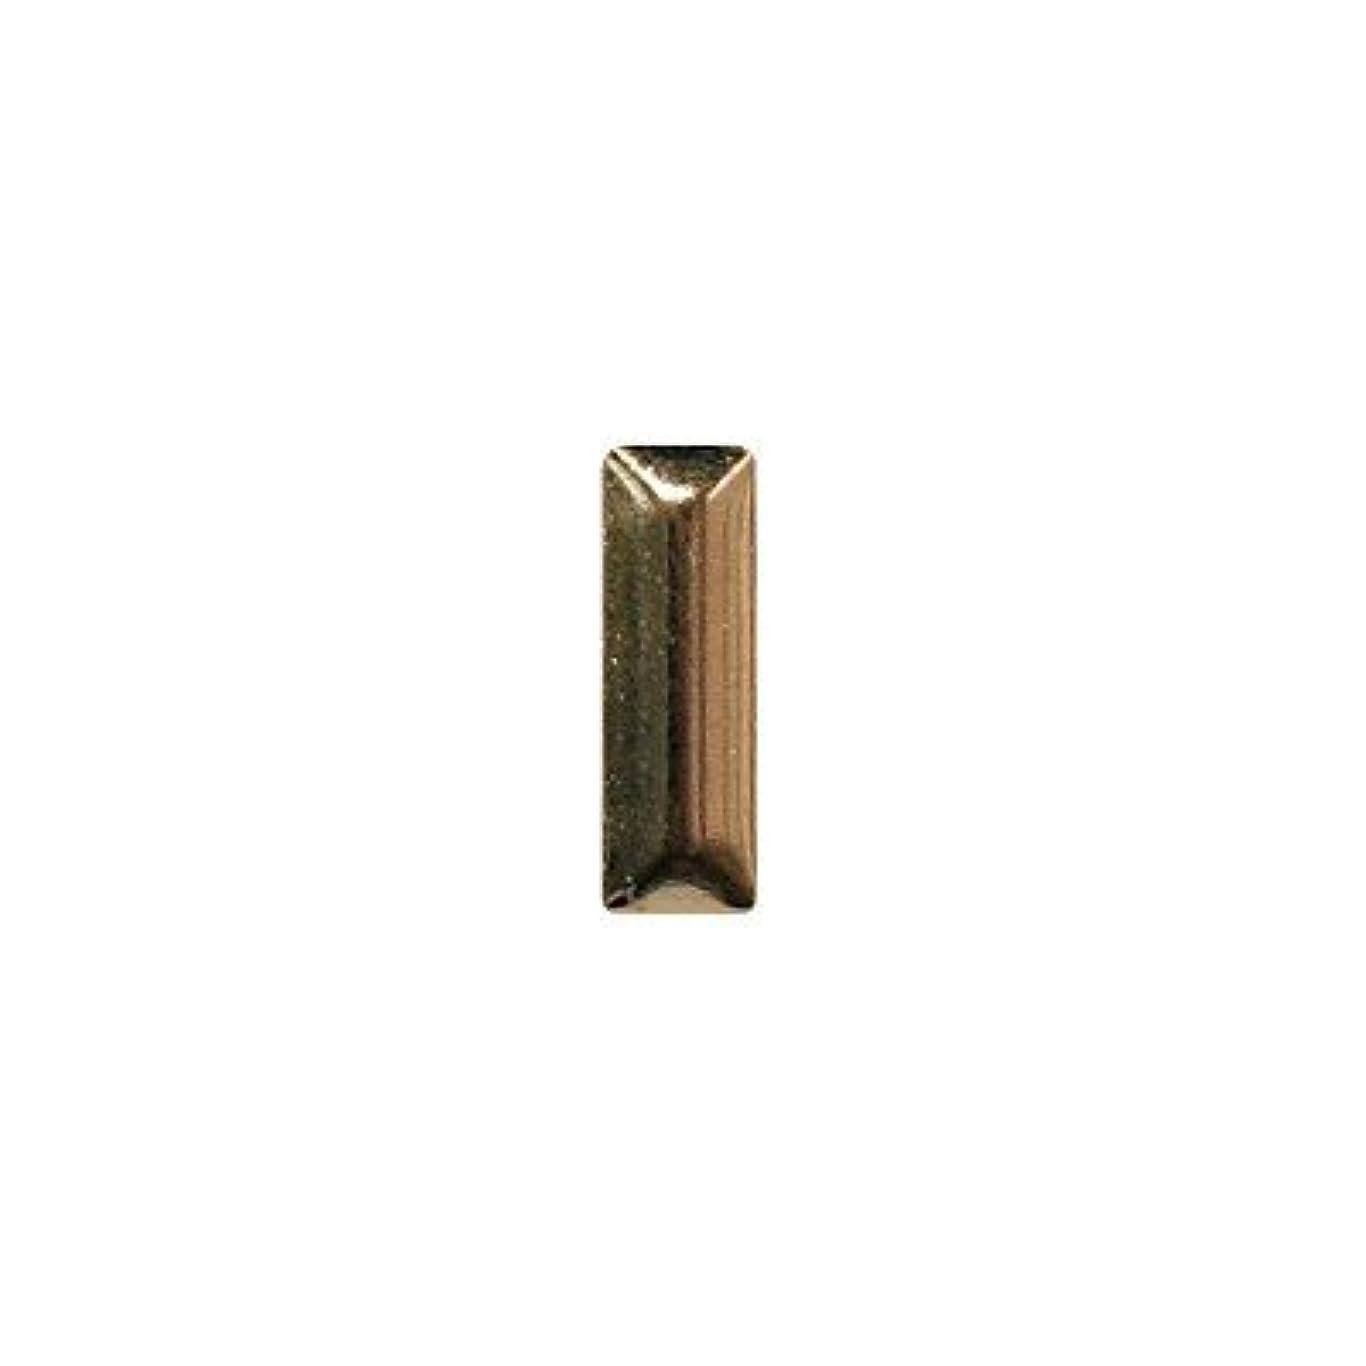 アクセサリーラフ睡眠使用法ピアドラ スタッズ メタル長方形 2×6mm 50P ゴールド